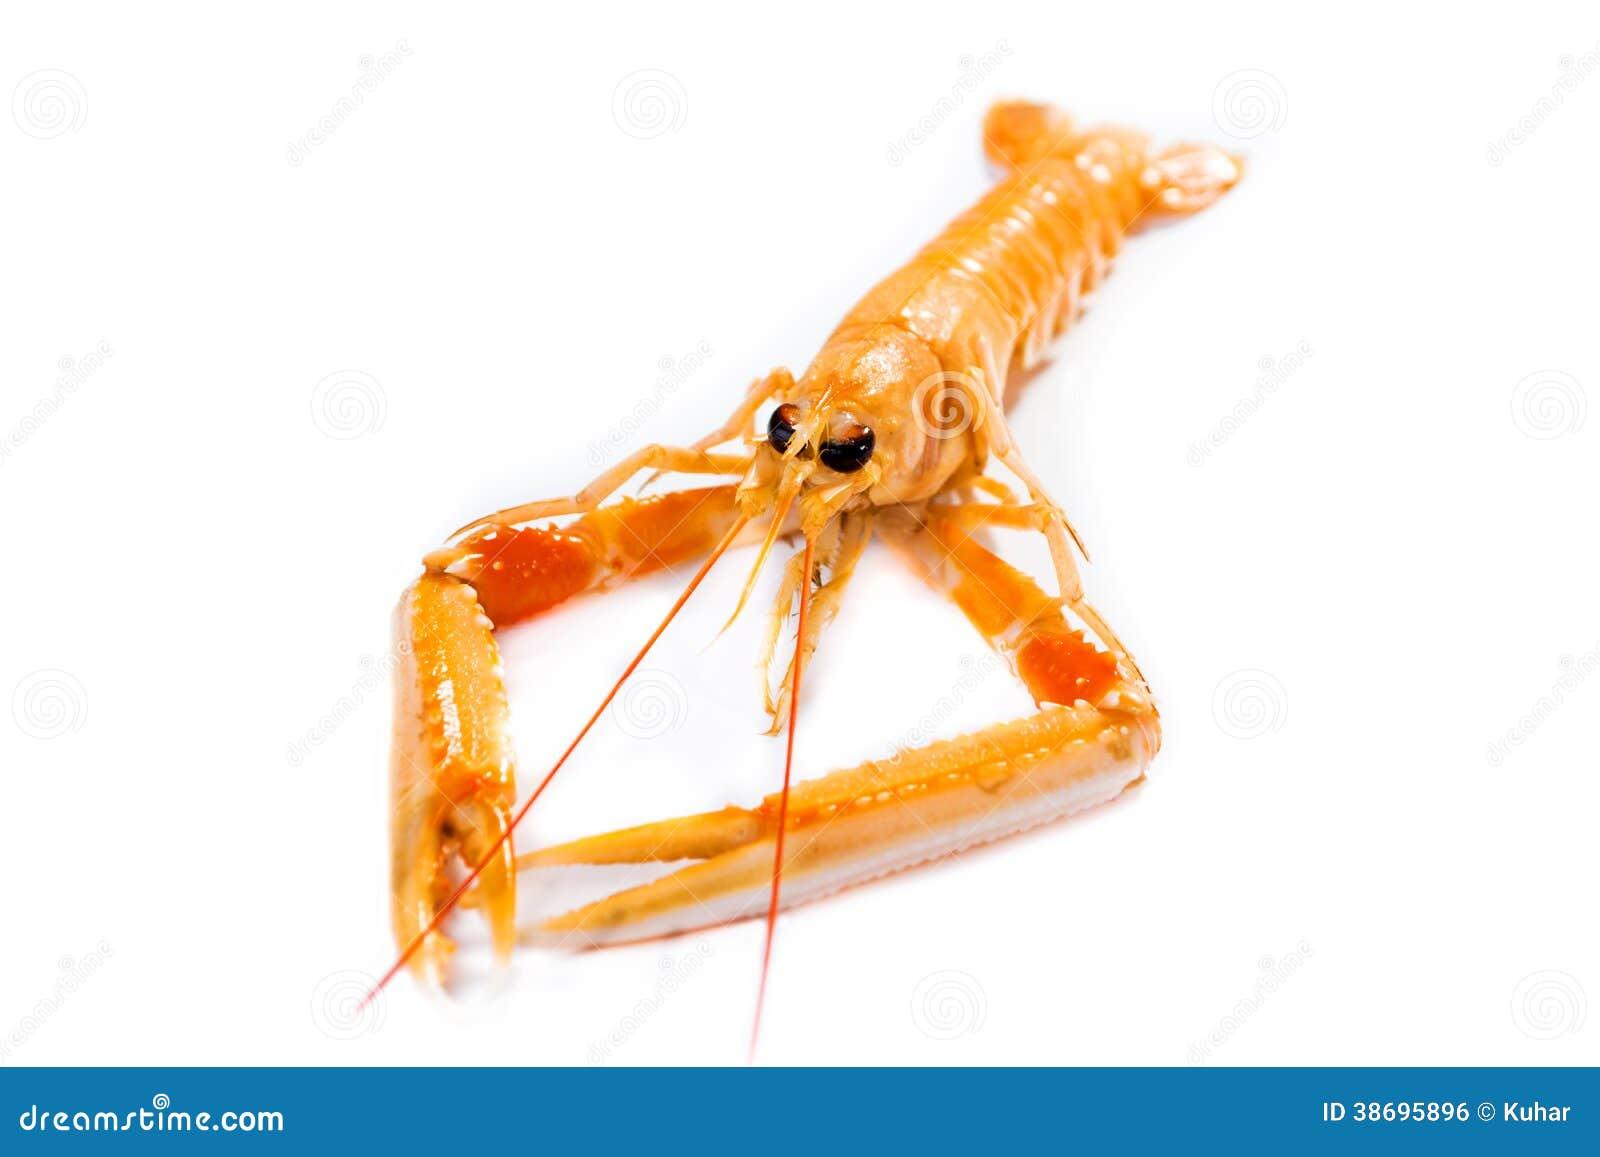 新鲜的Scampi/海螯虾norvegicus